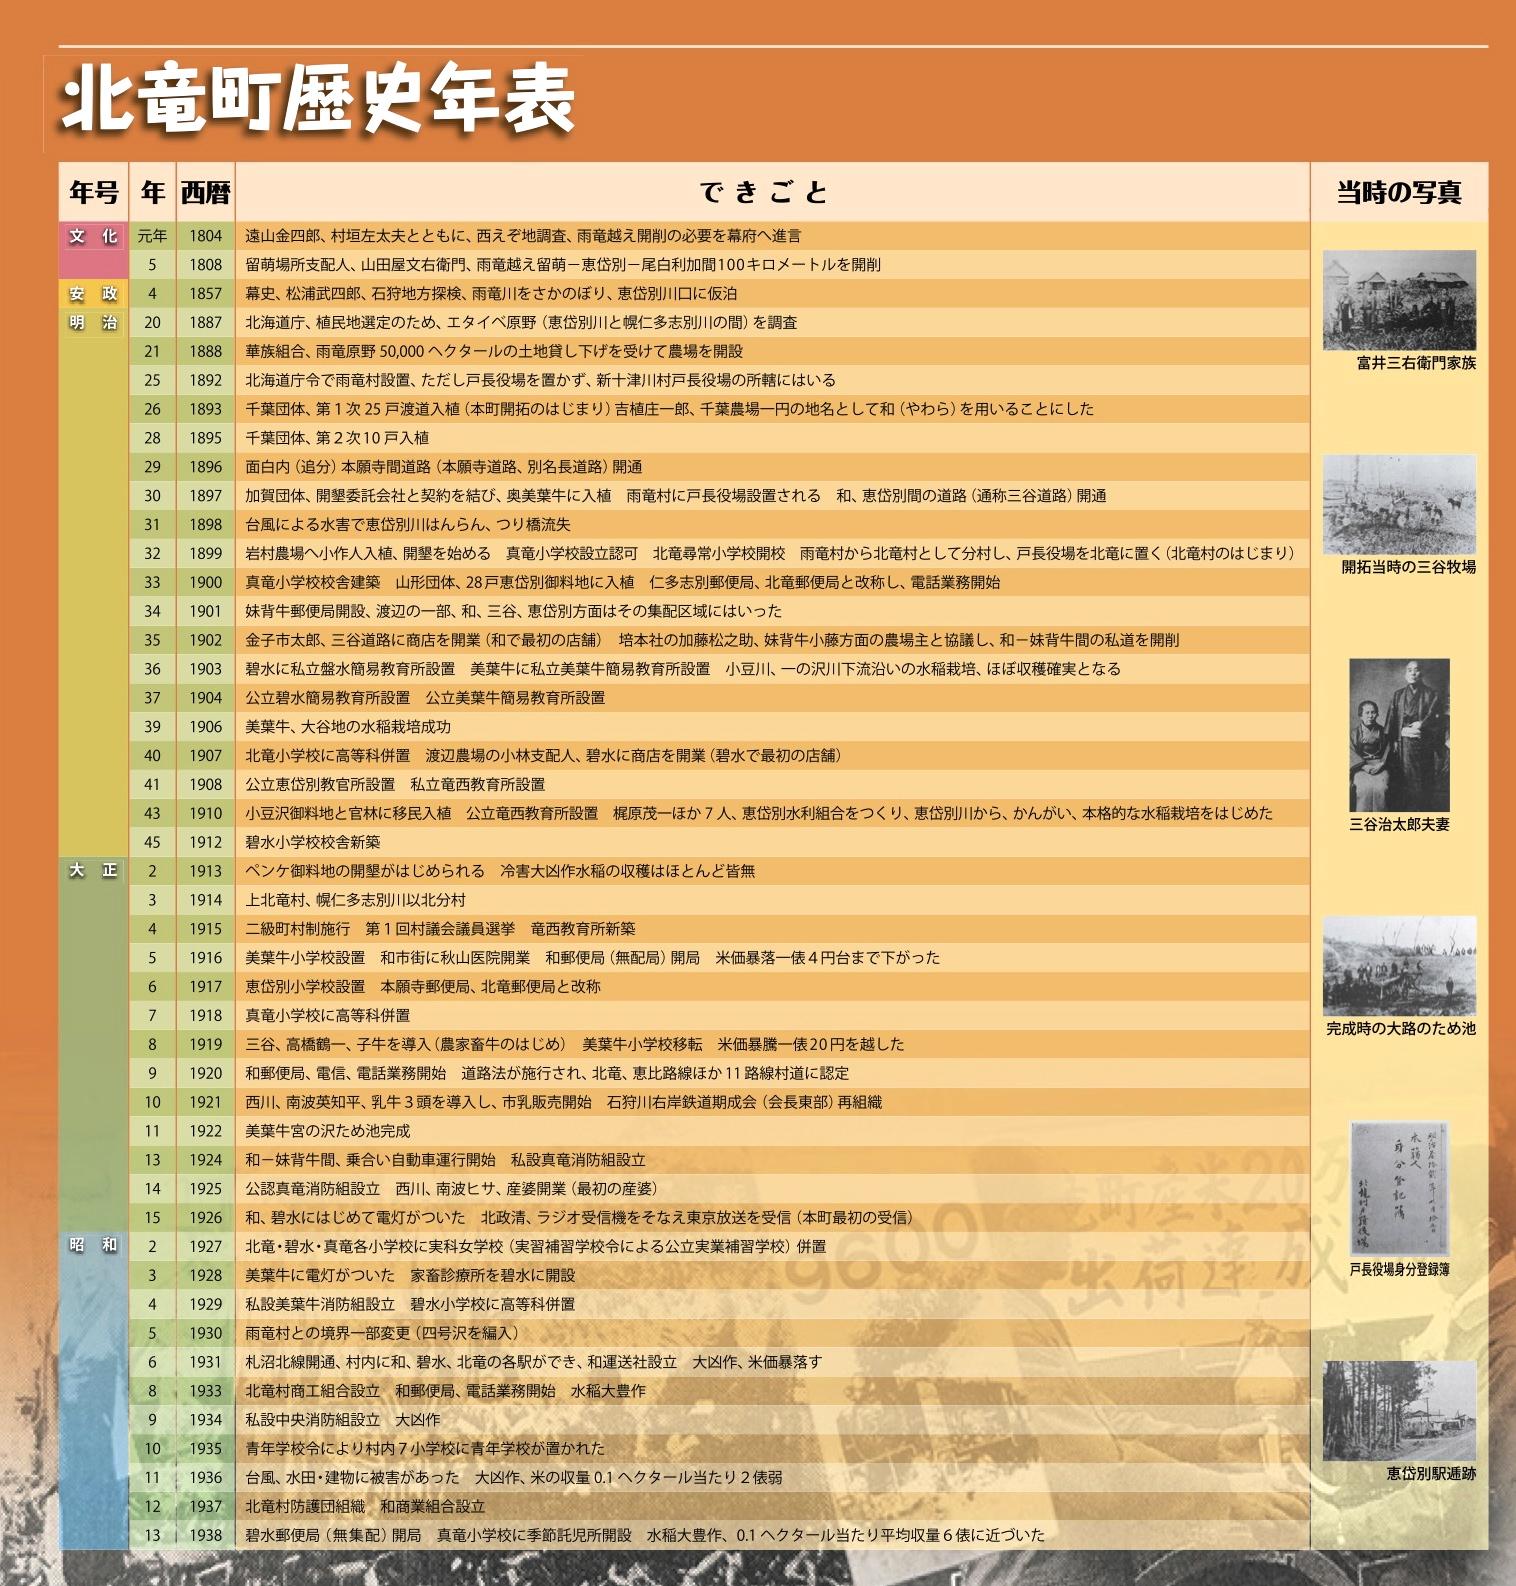 北竜町歴史年表1